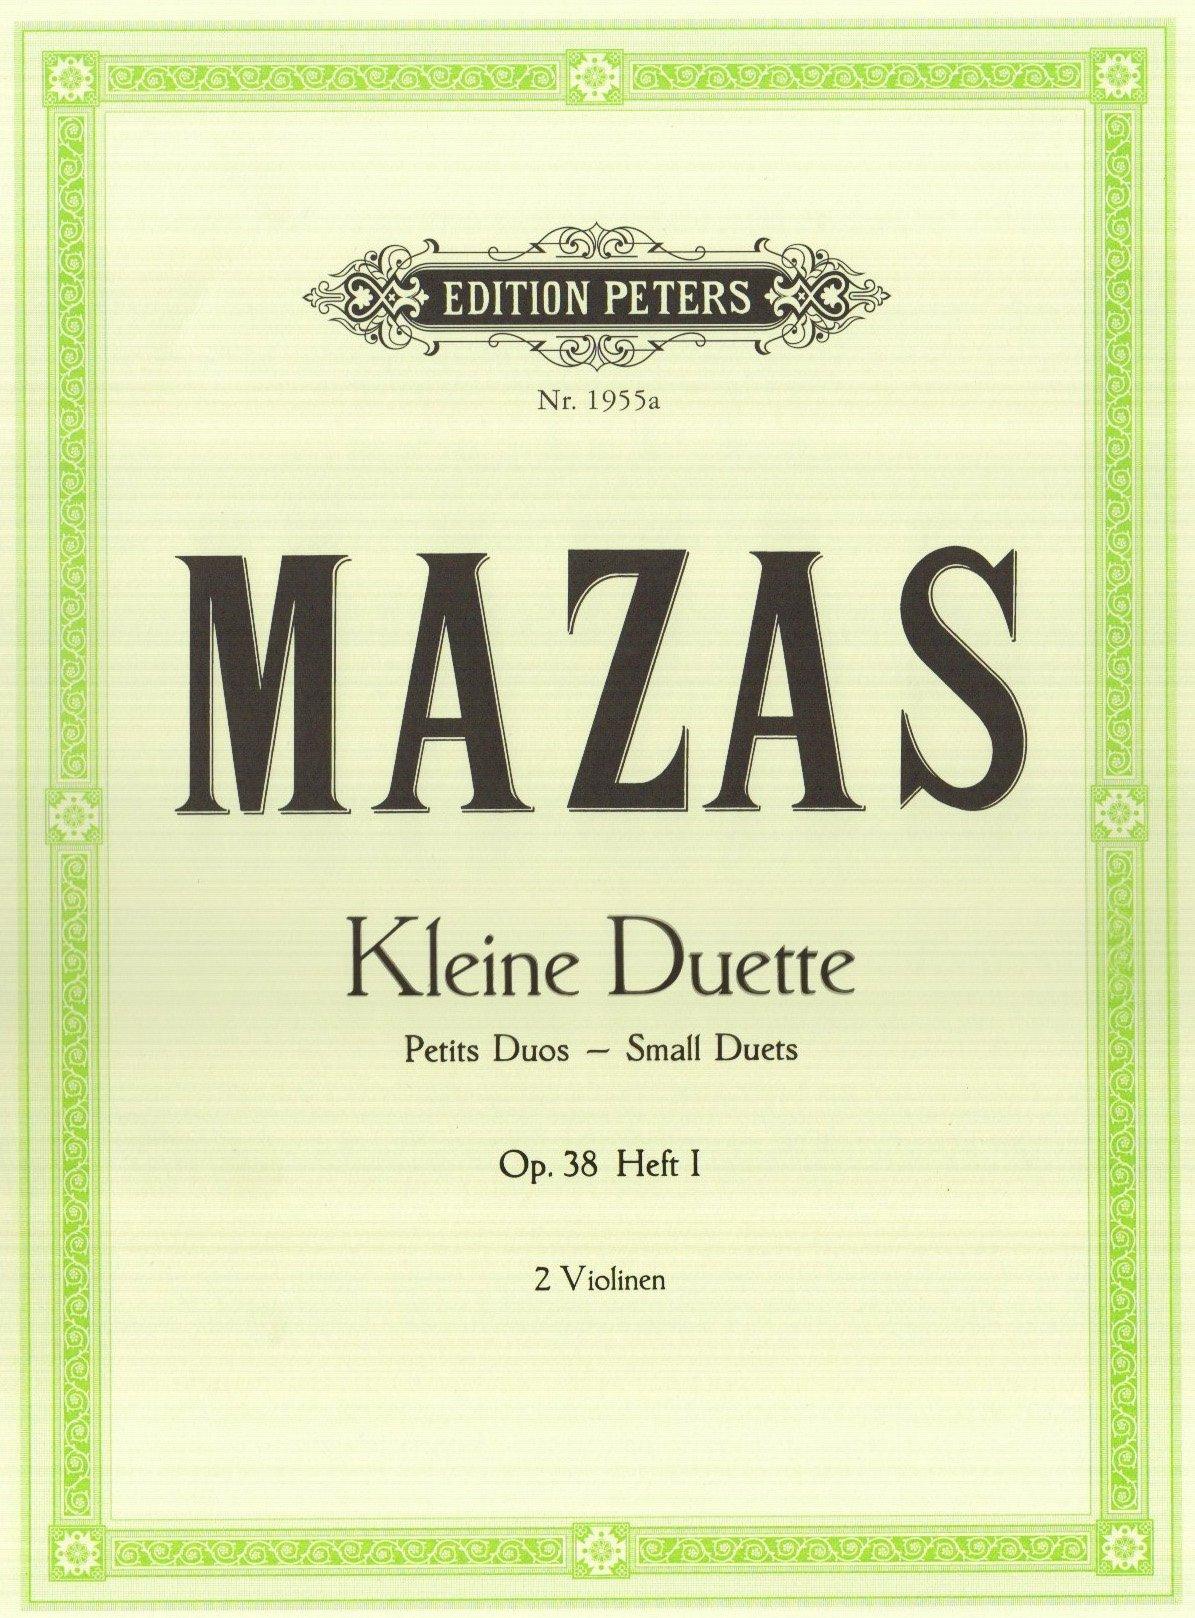 Kleine Duette op. 38: Band 1, Duett Nr. 1 - Duett Nr. 6 (für 2 Violinen)